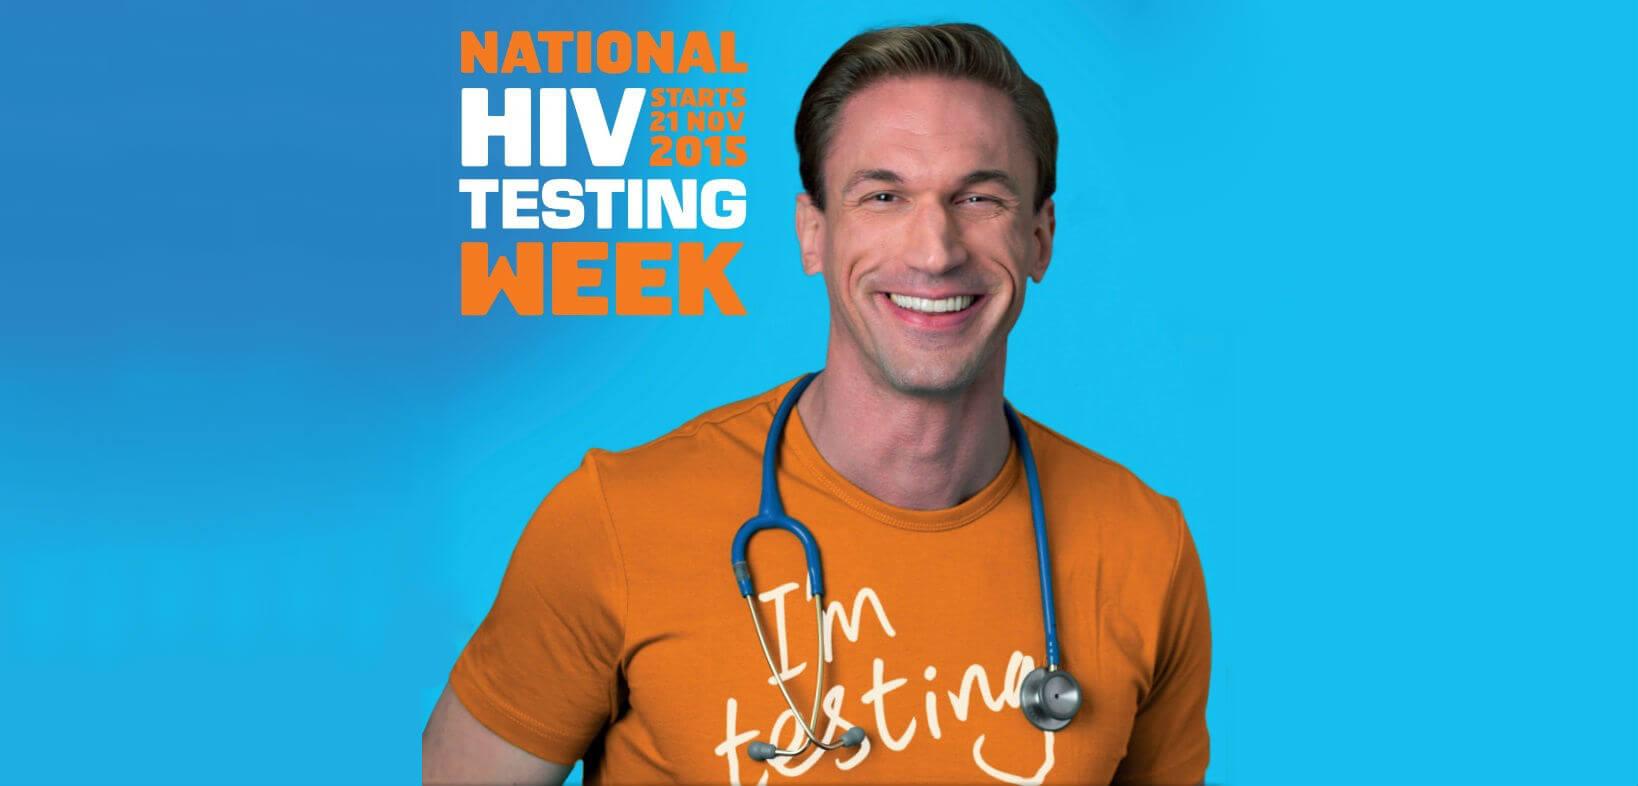 Dr_Christian_Jensen_test_HIV_prevenzione_HIV